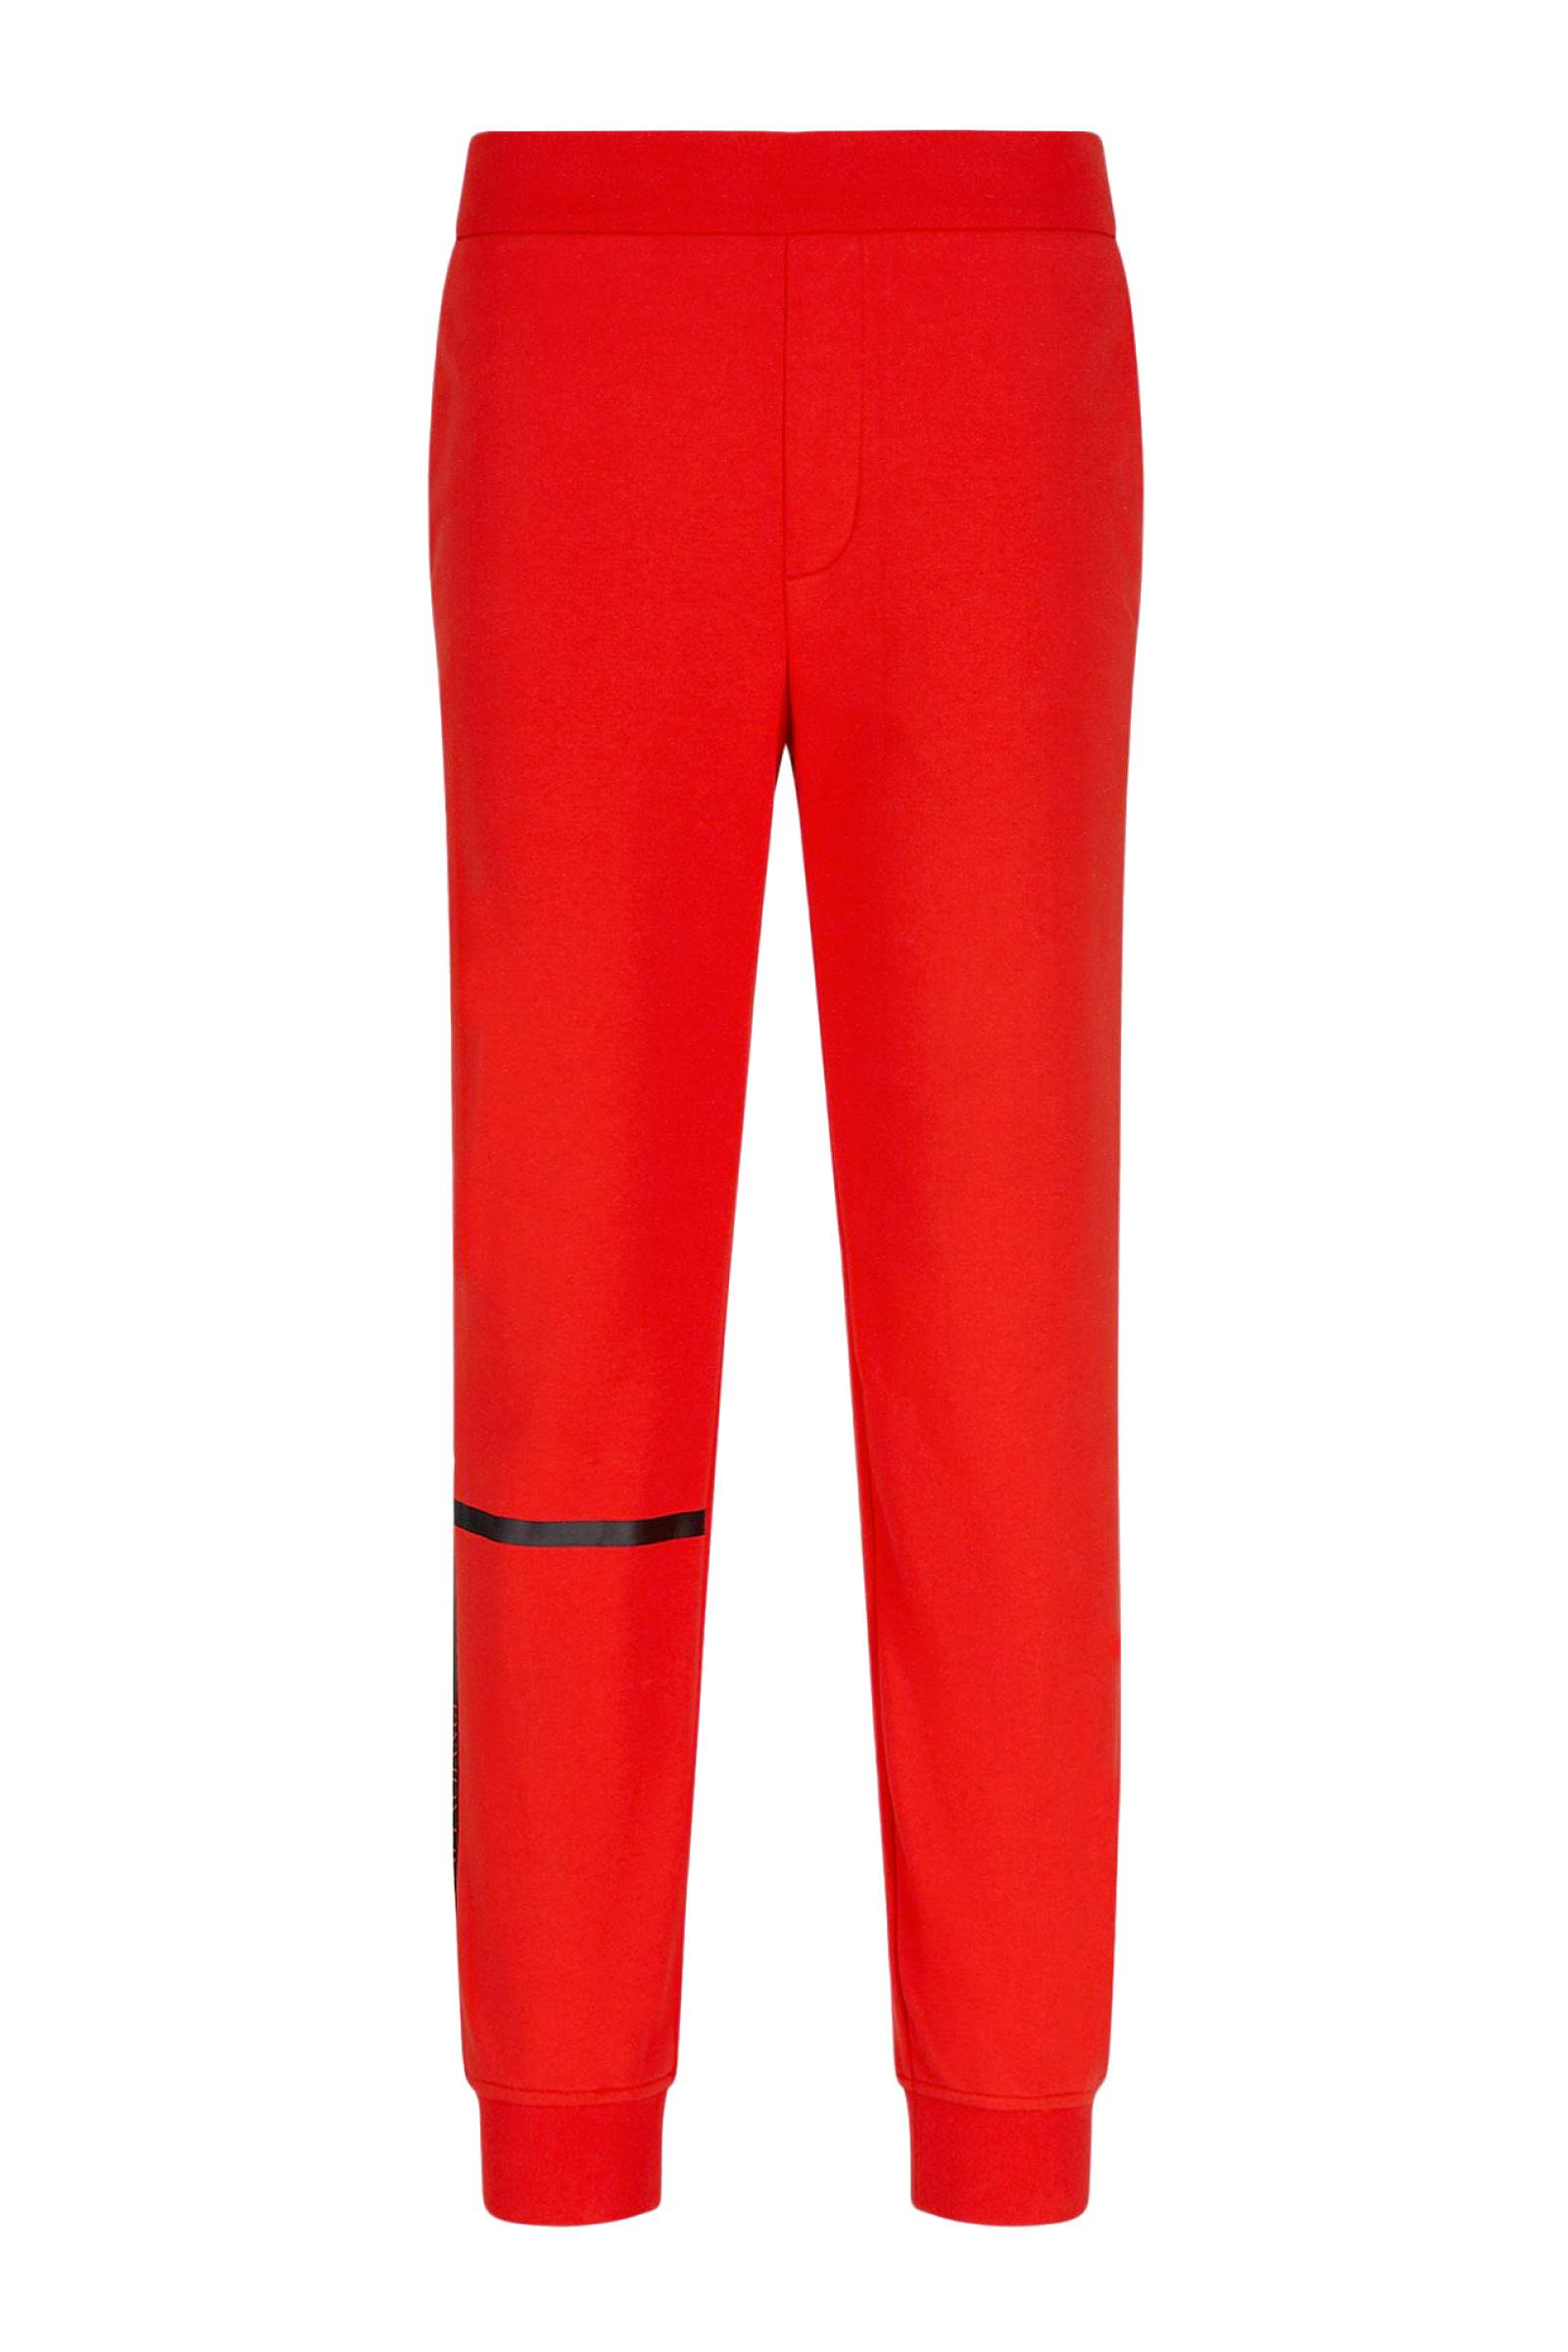 ARMANI EXCHANGE Pantalone Uomo ARMANI EXCHANGE   Pantalone   3KZPFE ZJ9FZ1400